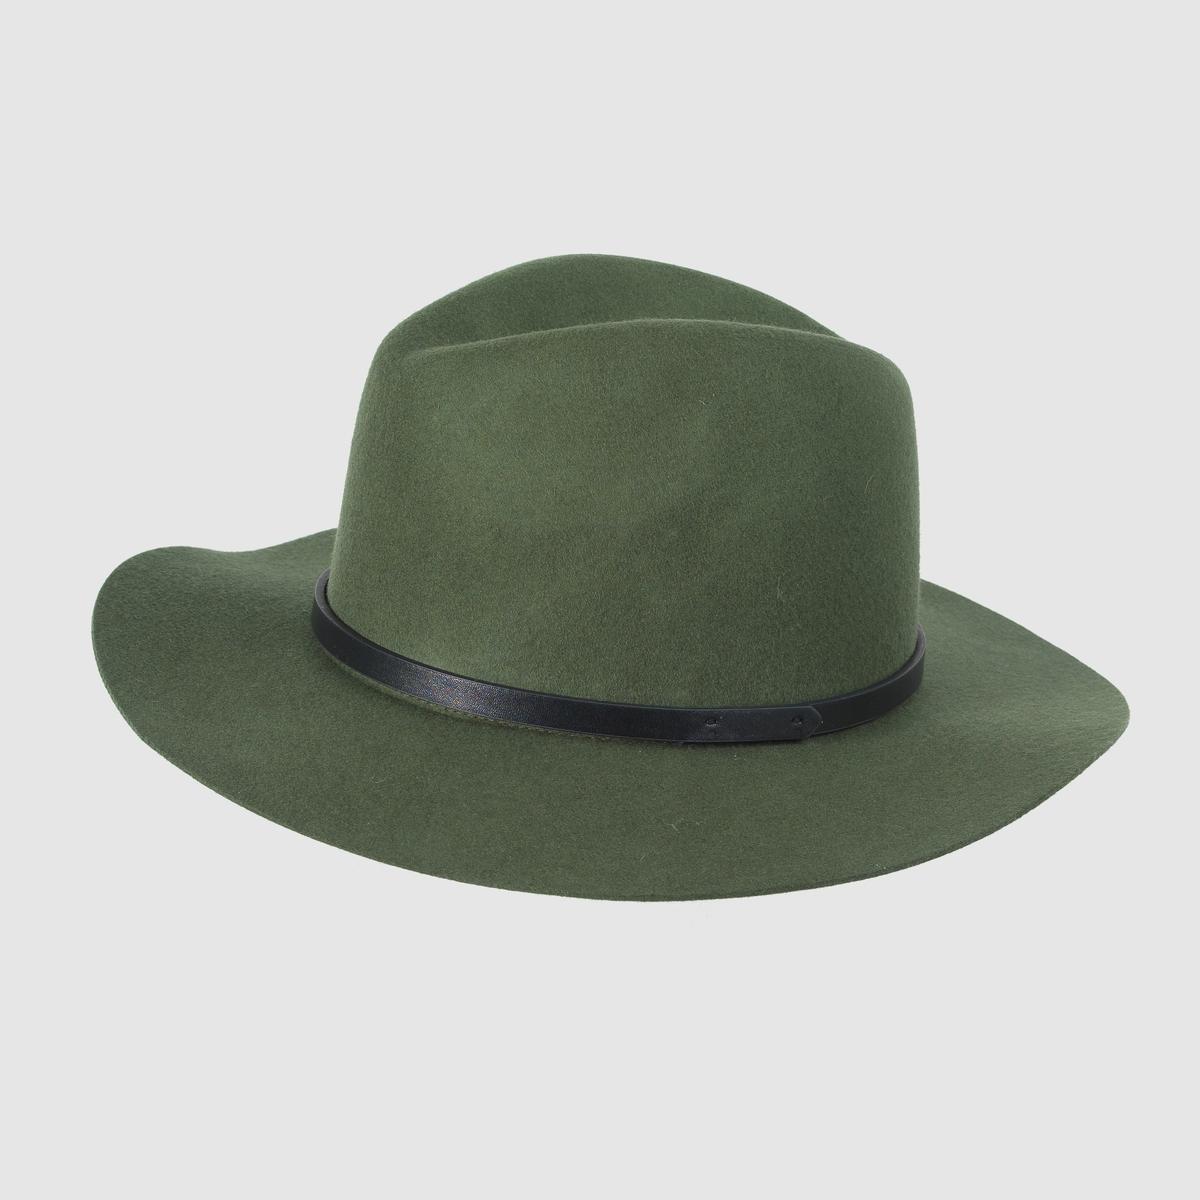 Шляпа из шерстиШляпа из шерсти, Atelier R .На самом пике моды, эта шляпа из шерсти придаст стильную нотку вашим прогулочным нарядам  !  Состав : 100% шерсти<br><br>Цвет: зеленый